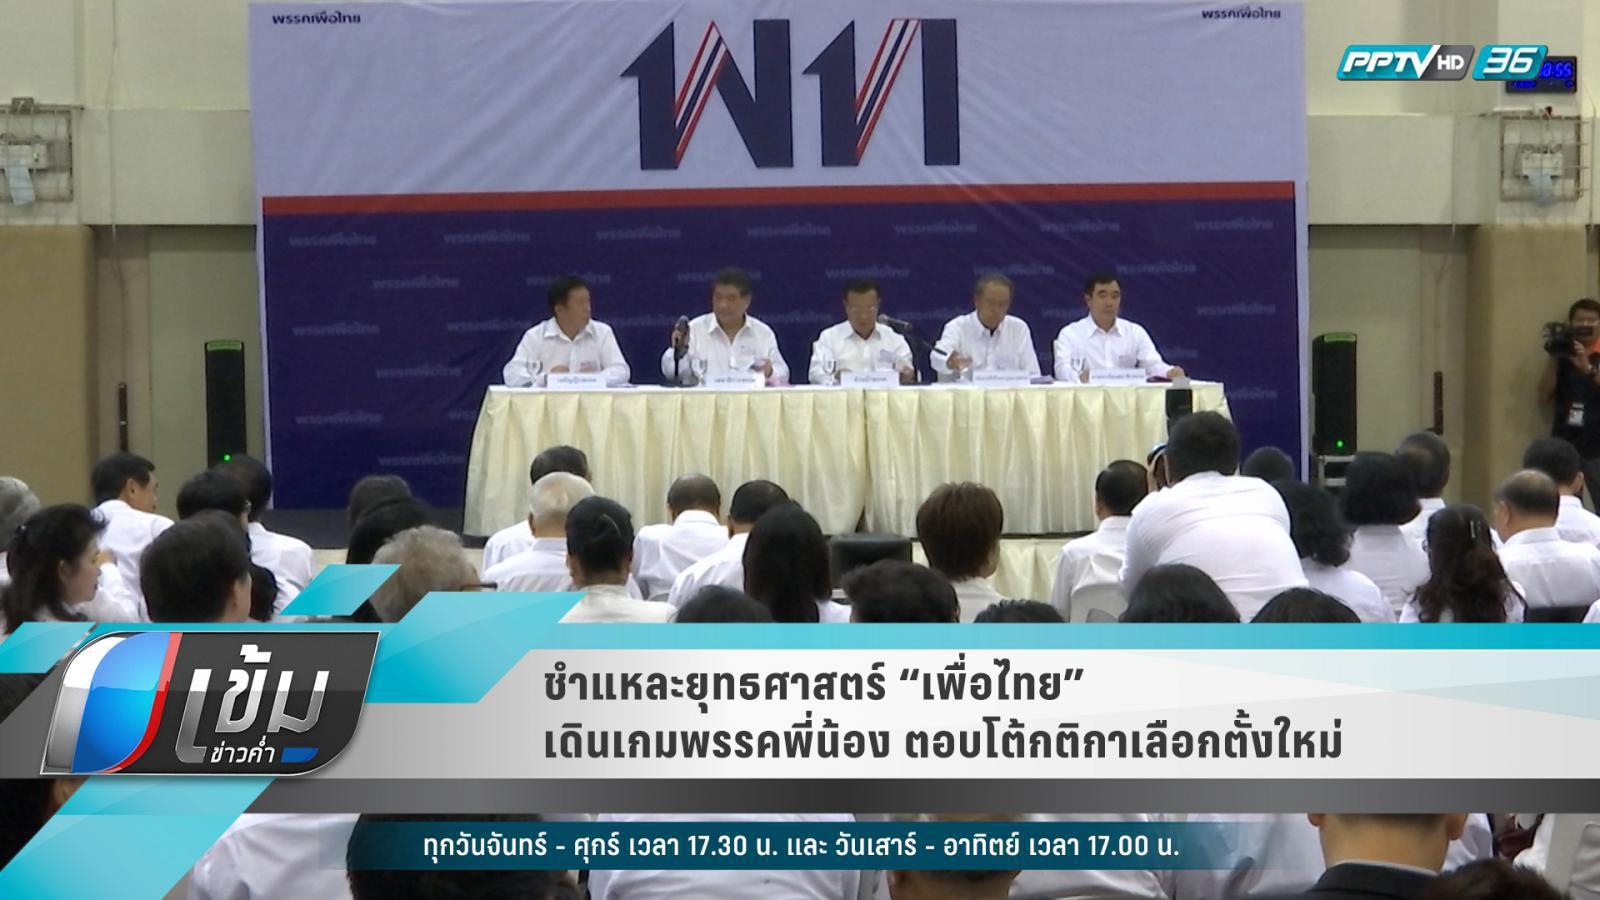 """ชำแหละยุทธศาสตร์ """"เพื่อไทย"""" เดินเกมพรรคพี่น้อง ตอบโต้กติกาเลือกตั้งใหม่"""